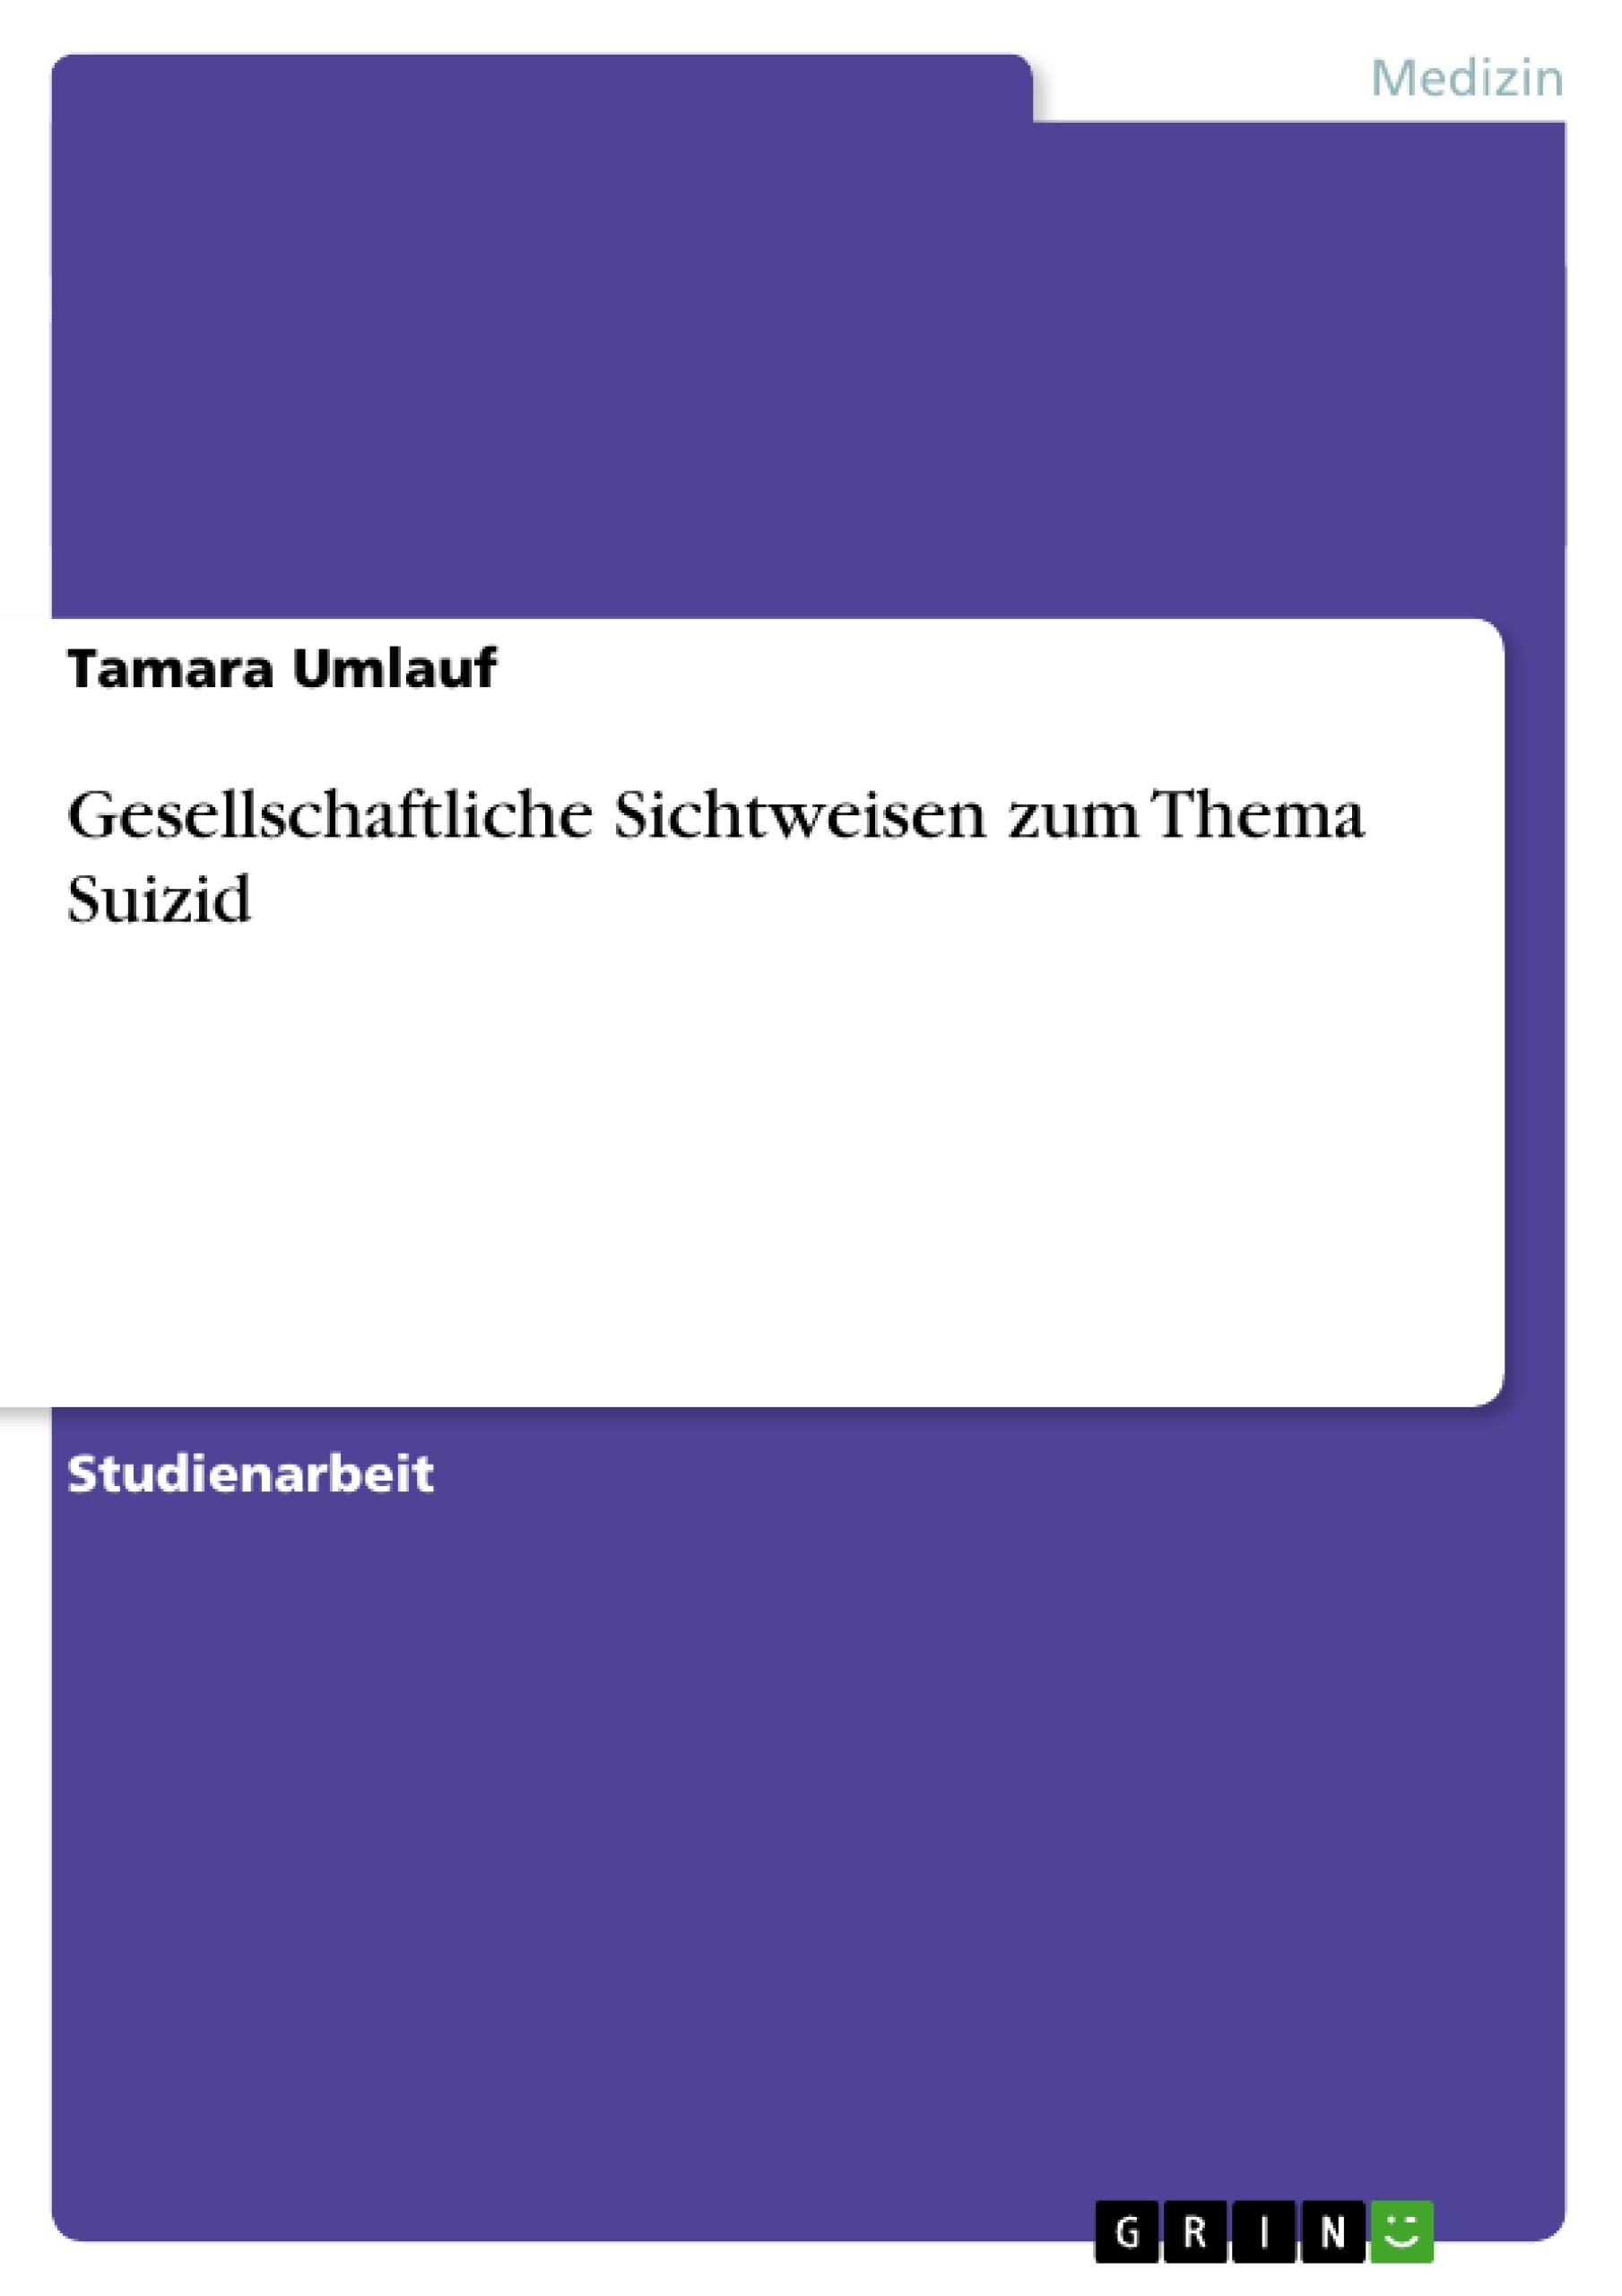 Titel: Gesellschaftliche Sichtweisen zum Thema Suizid